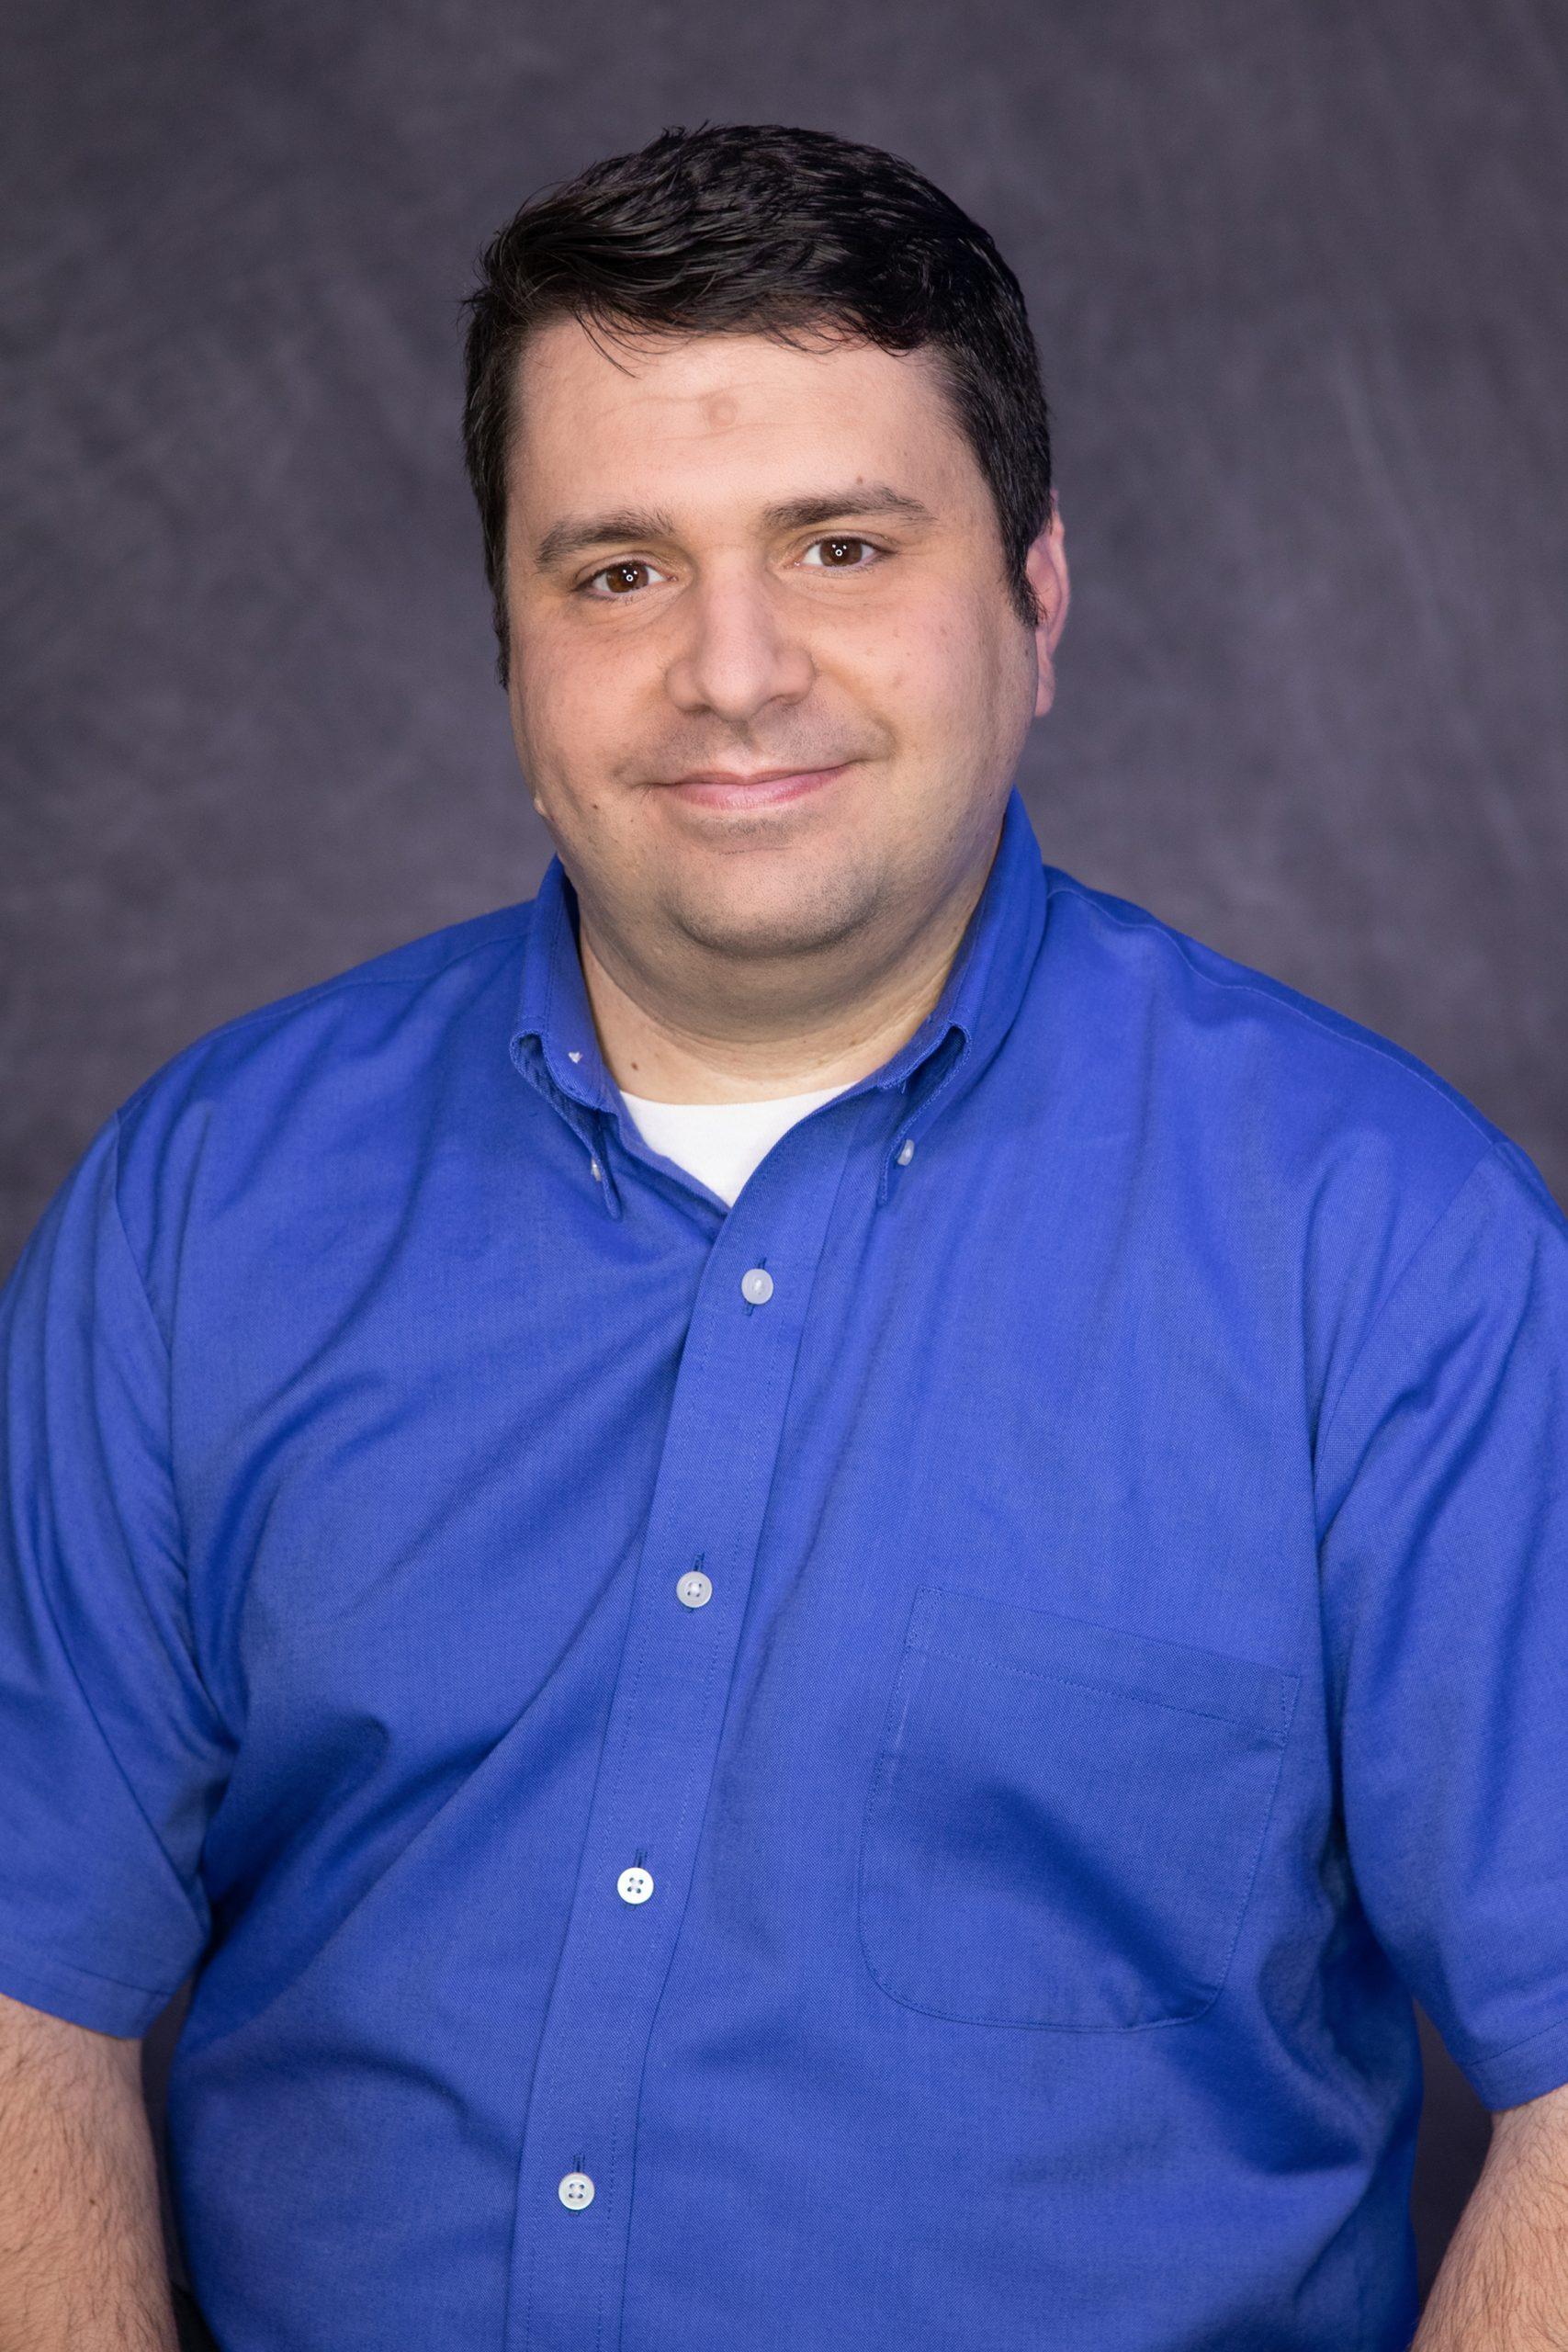 Bryan D'Ambrossio